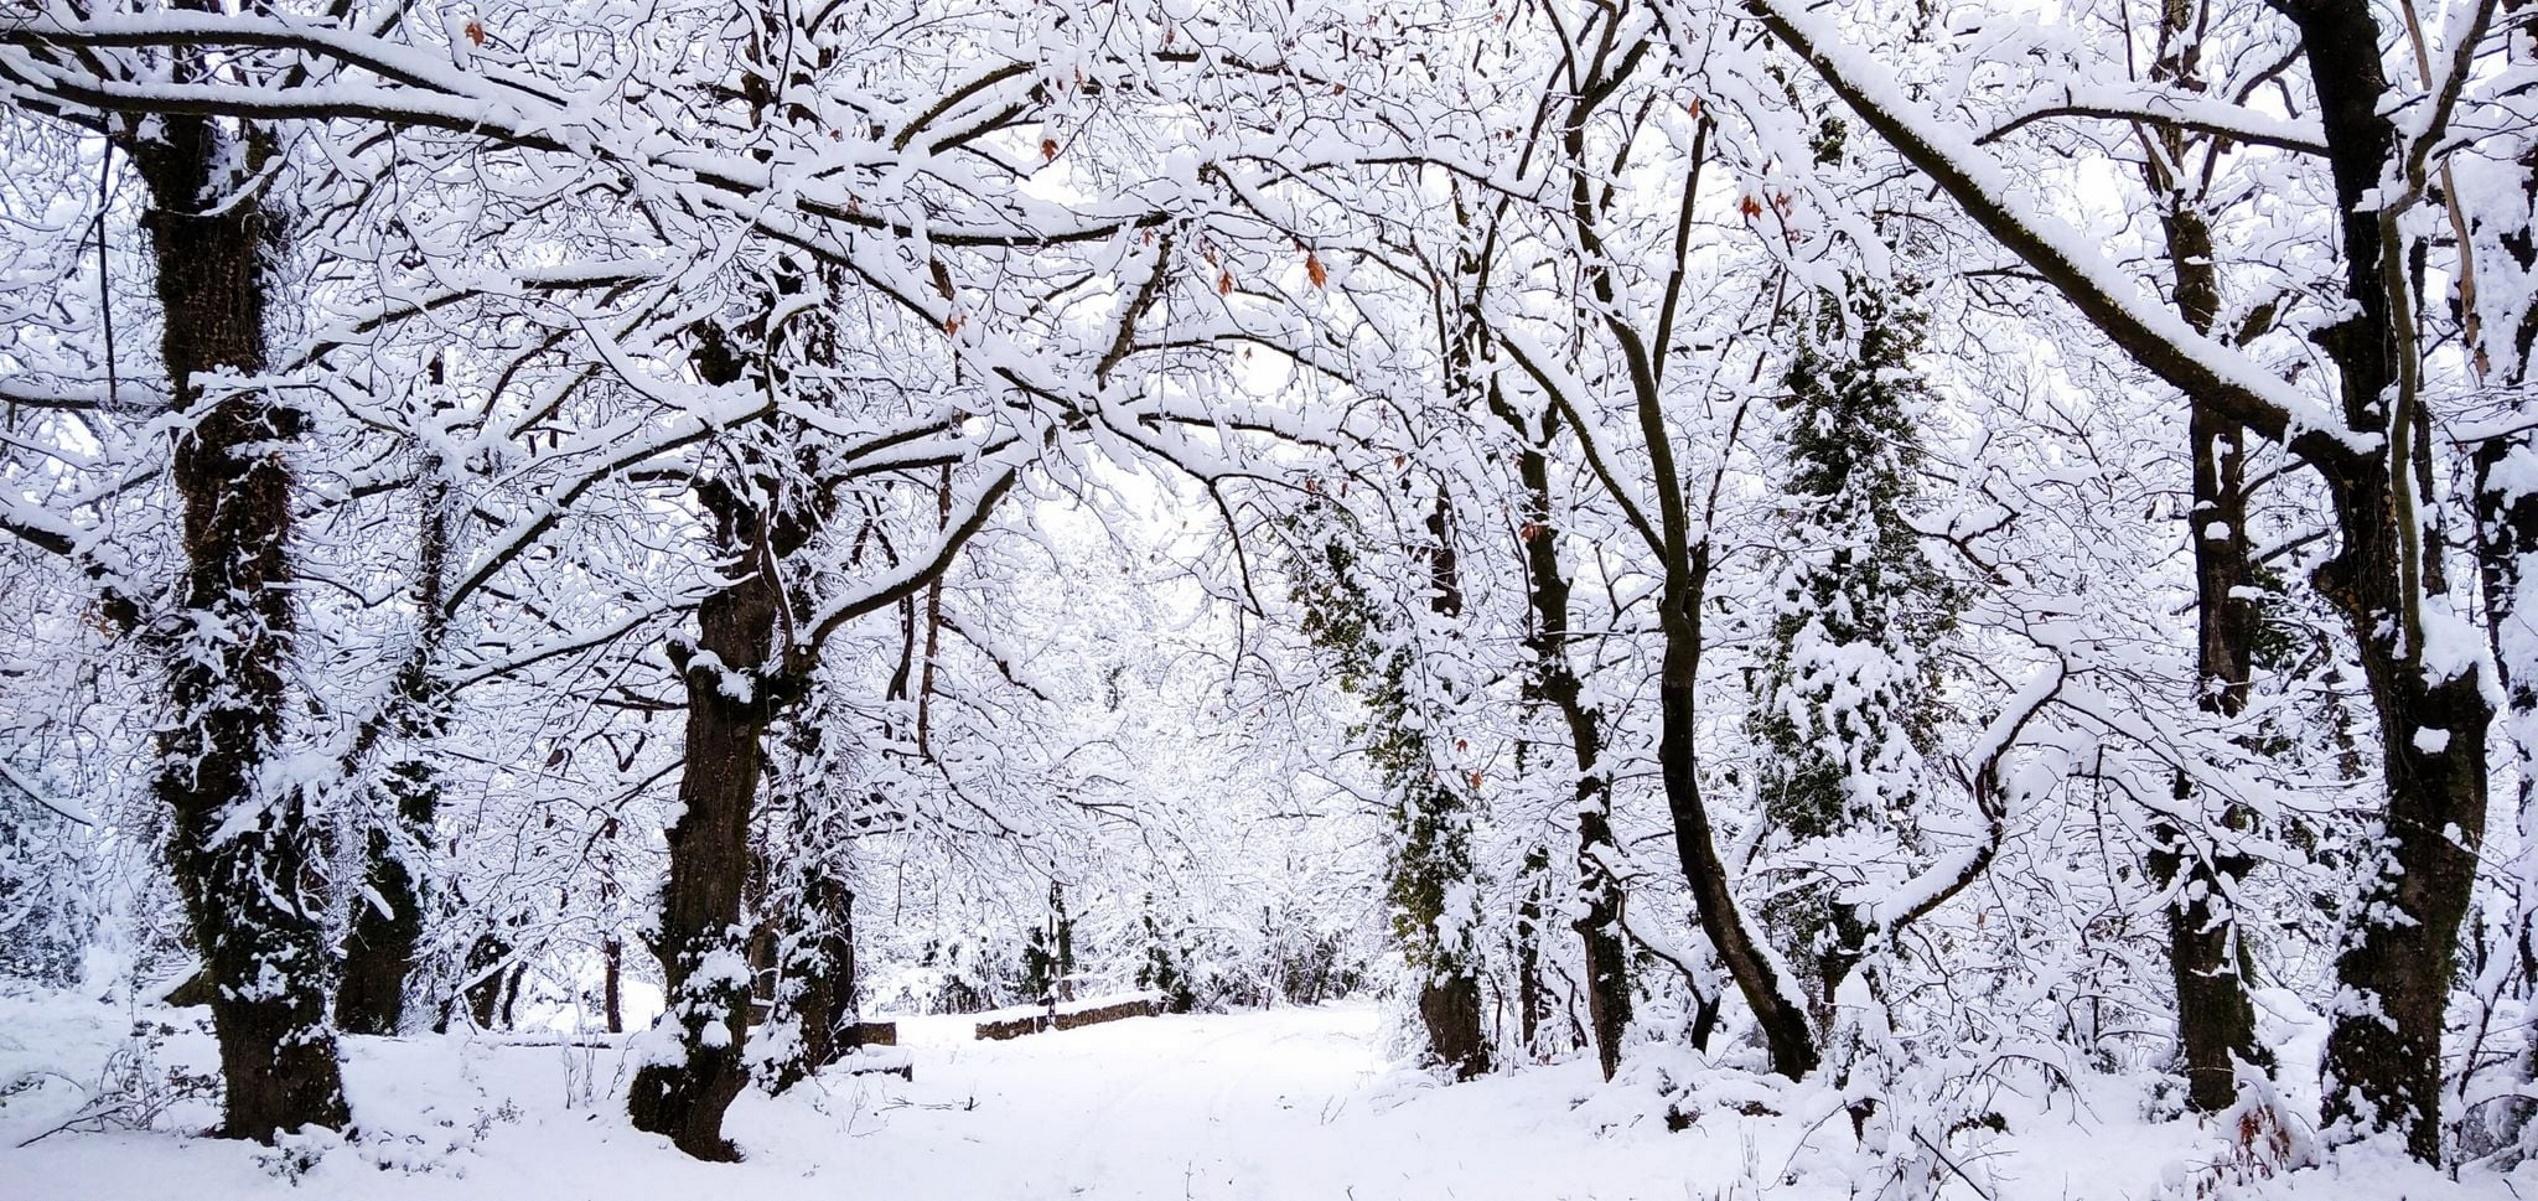 Καιρός – Meteo: Βουτιά της θερμοκρασίας με βροχές και χιόνια – Δεν αποκλείεται να χιονίσει και στην Αττική